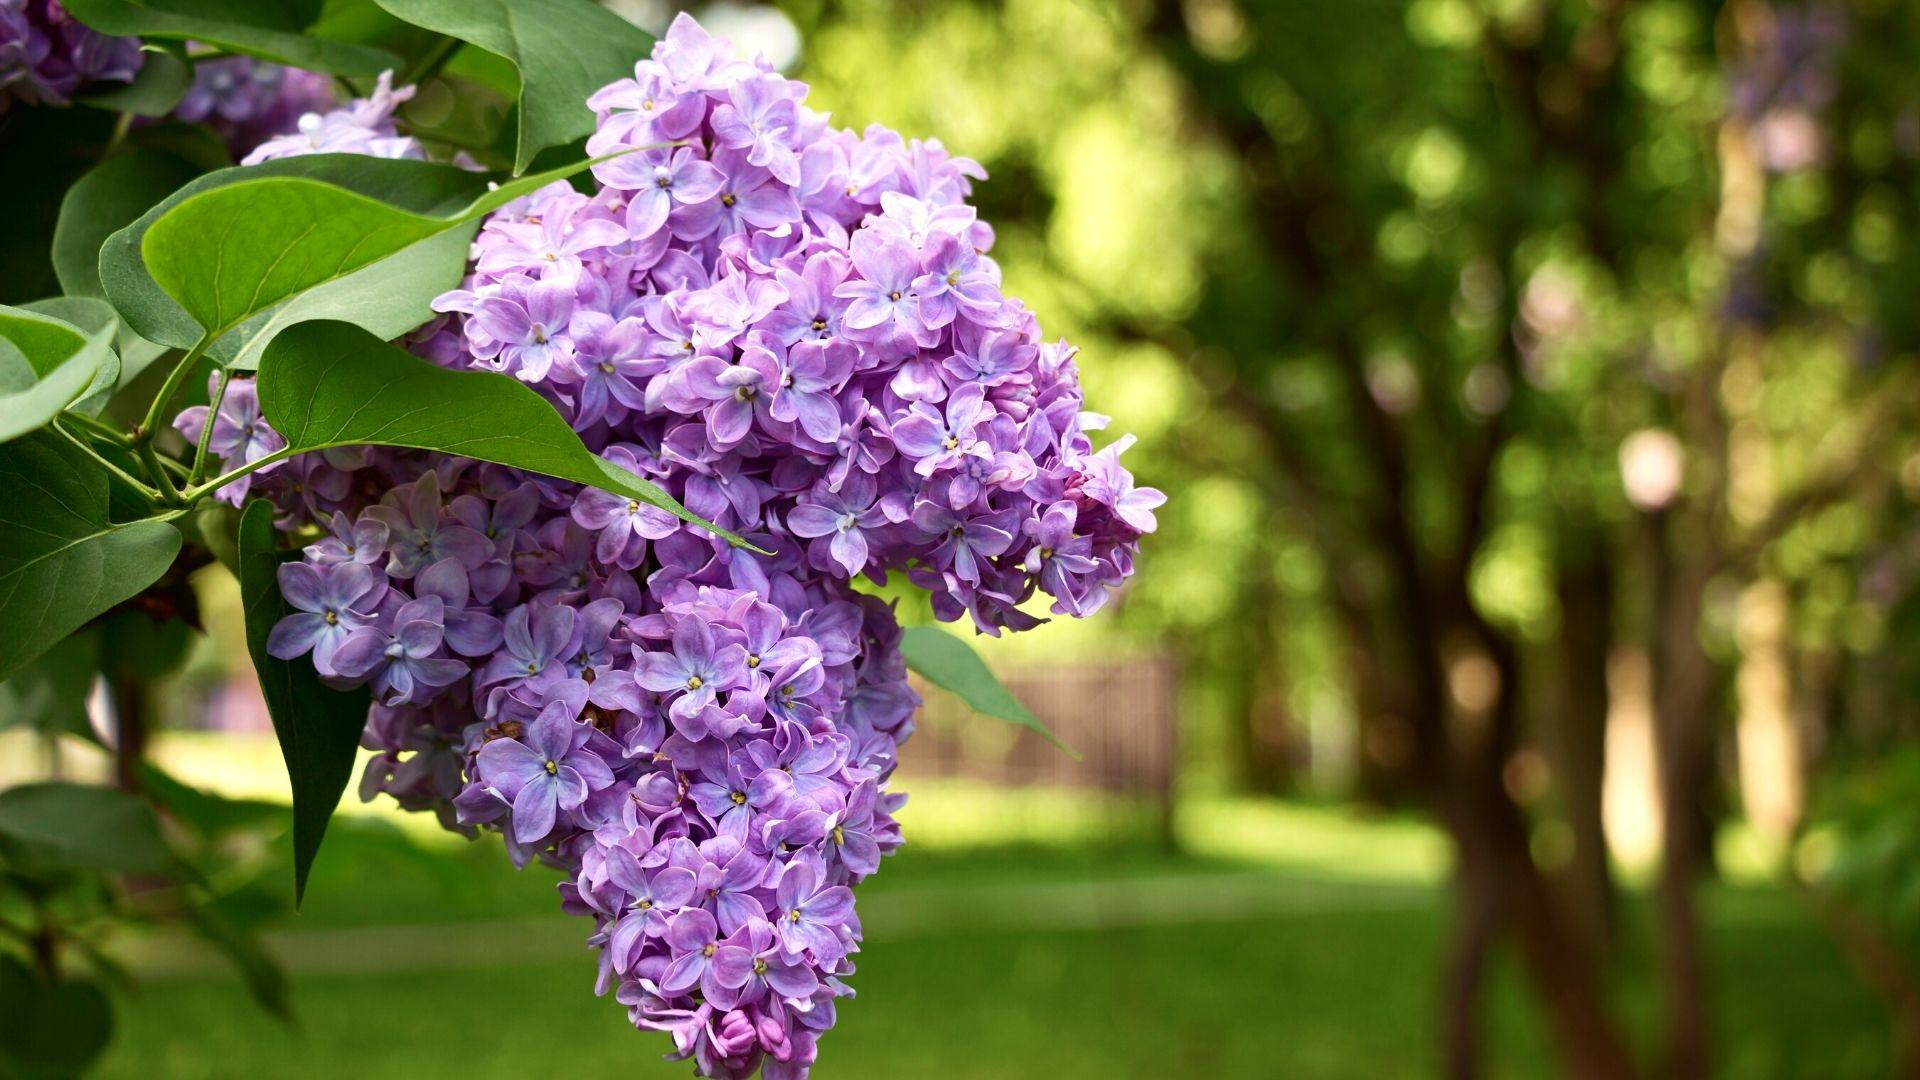 Le lilas est magnifique en bordure d'une maison